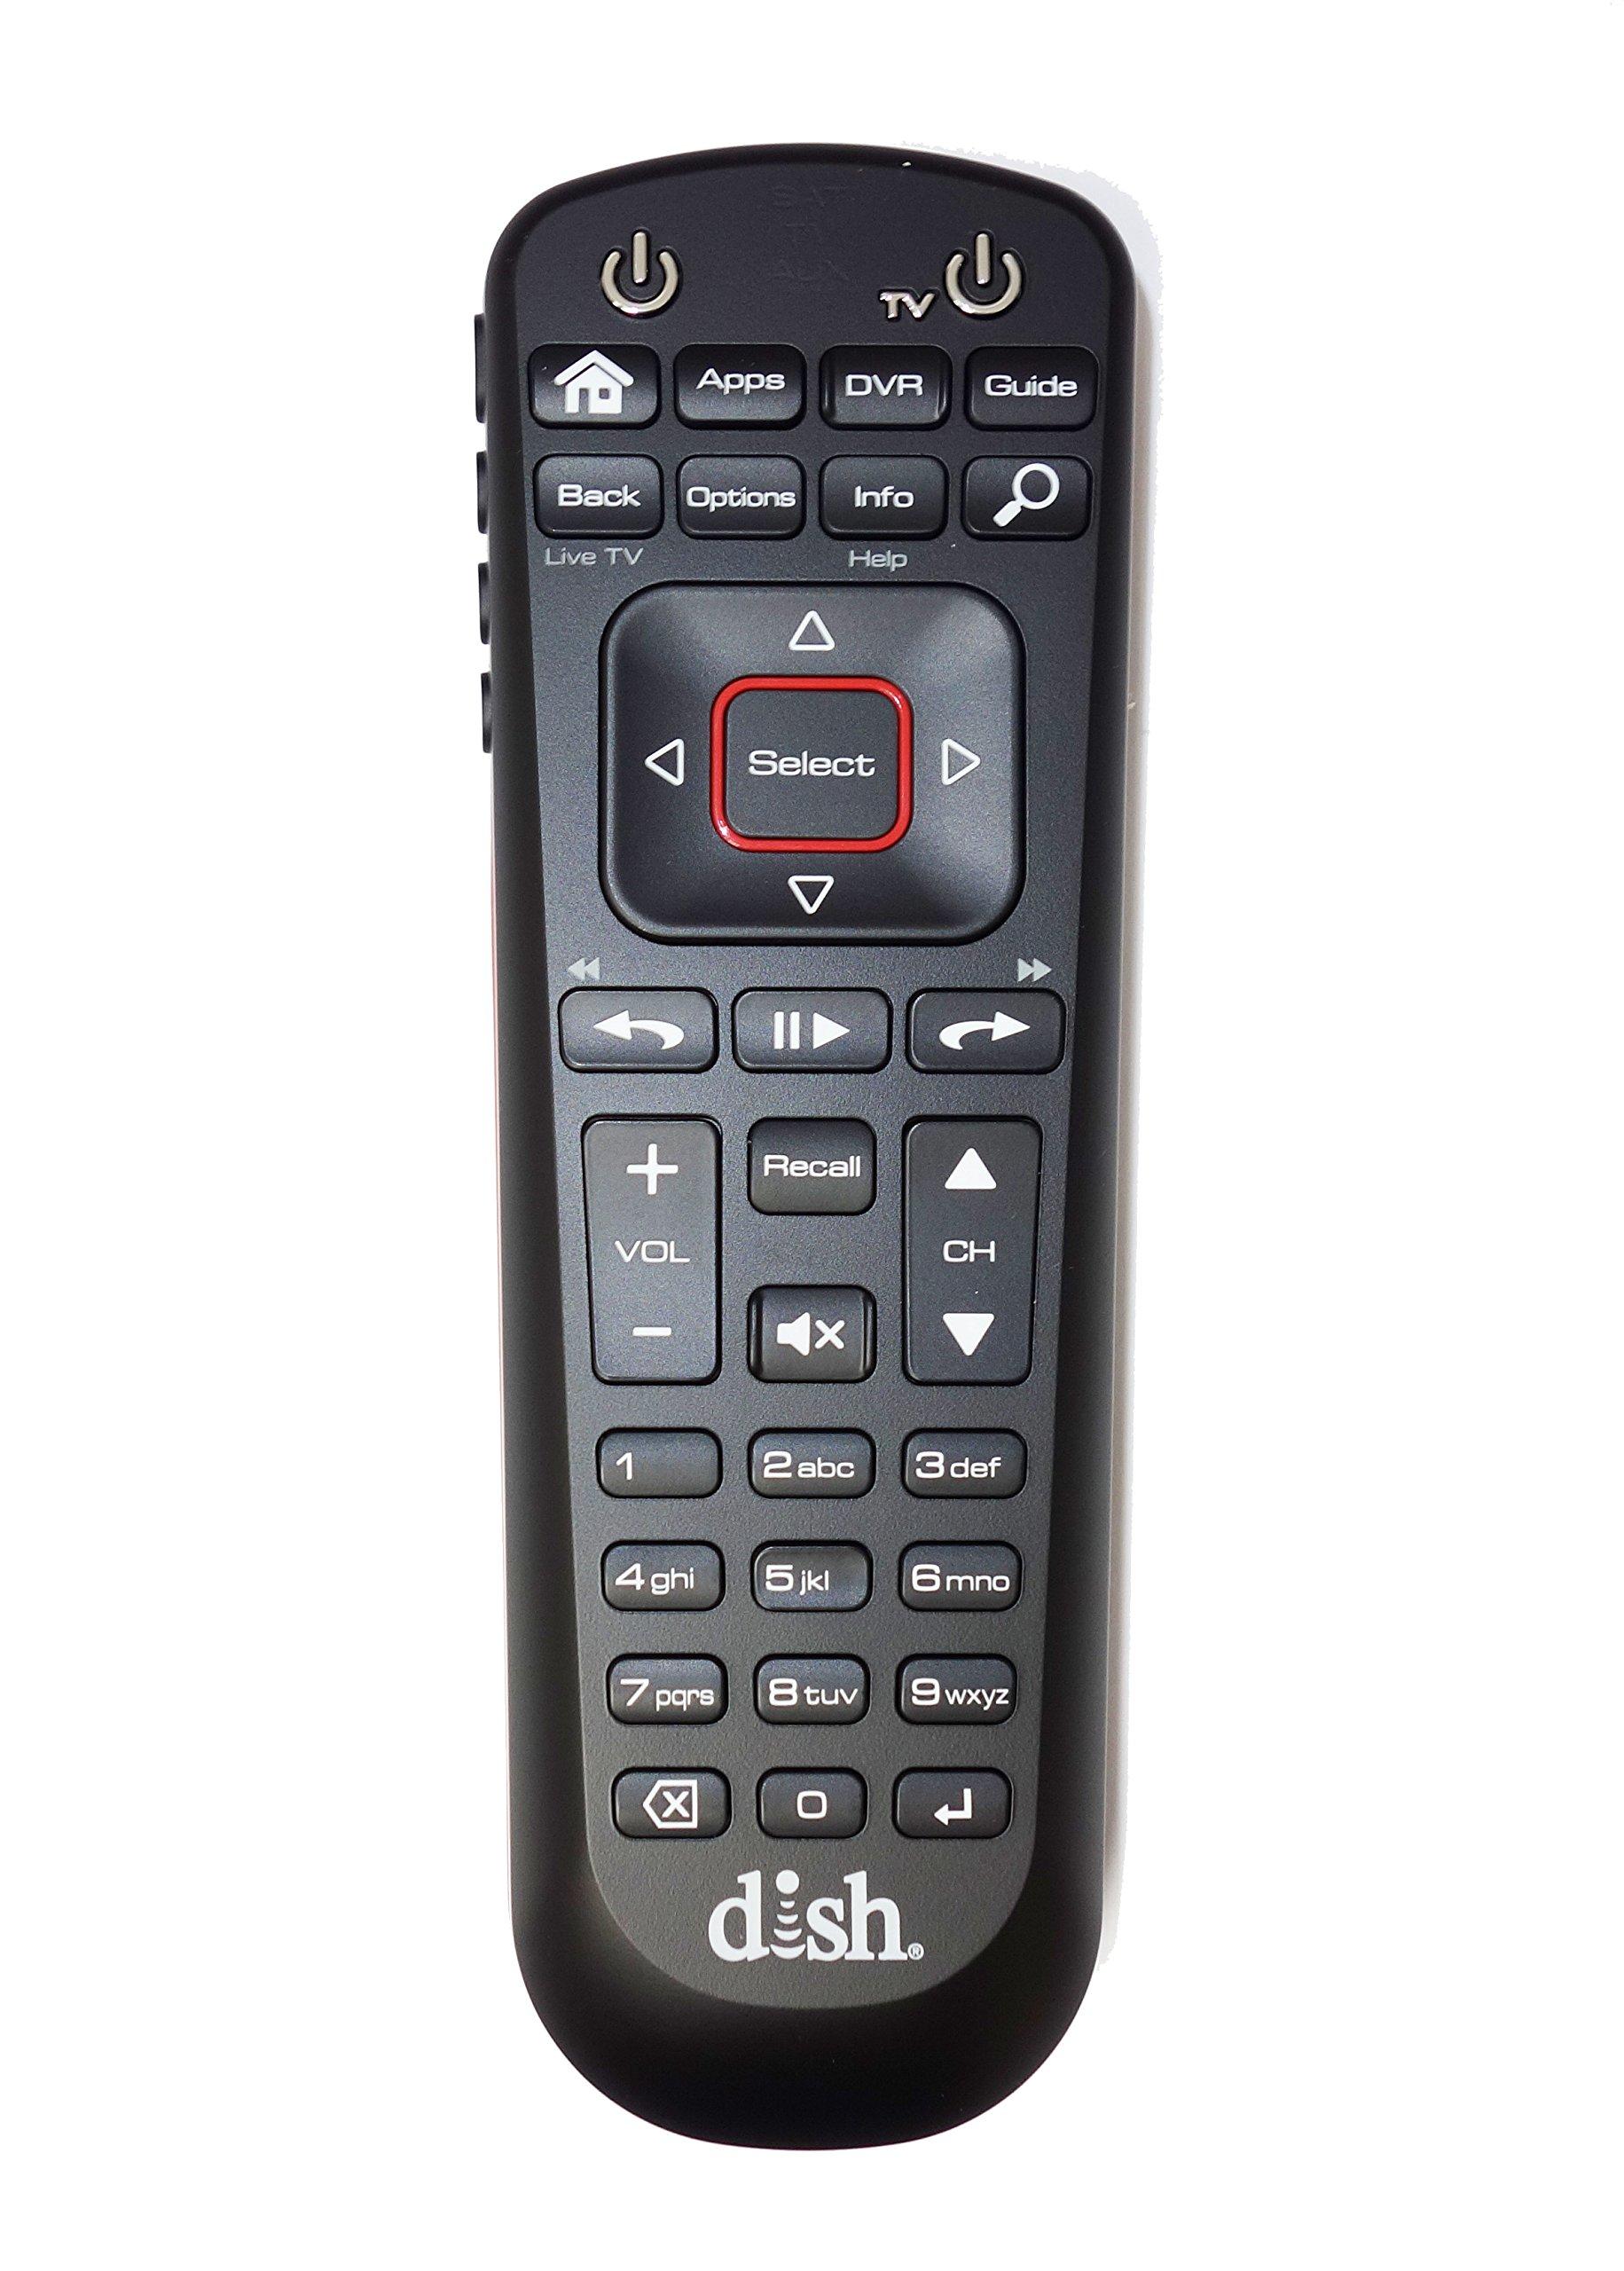 Control Remoto DISH NETWORK 52 0